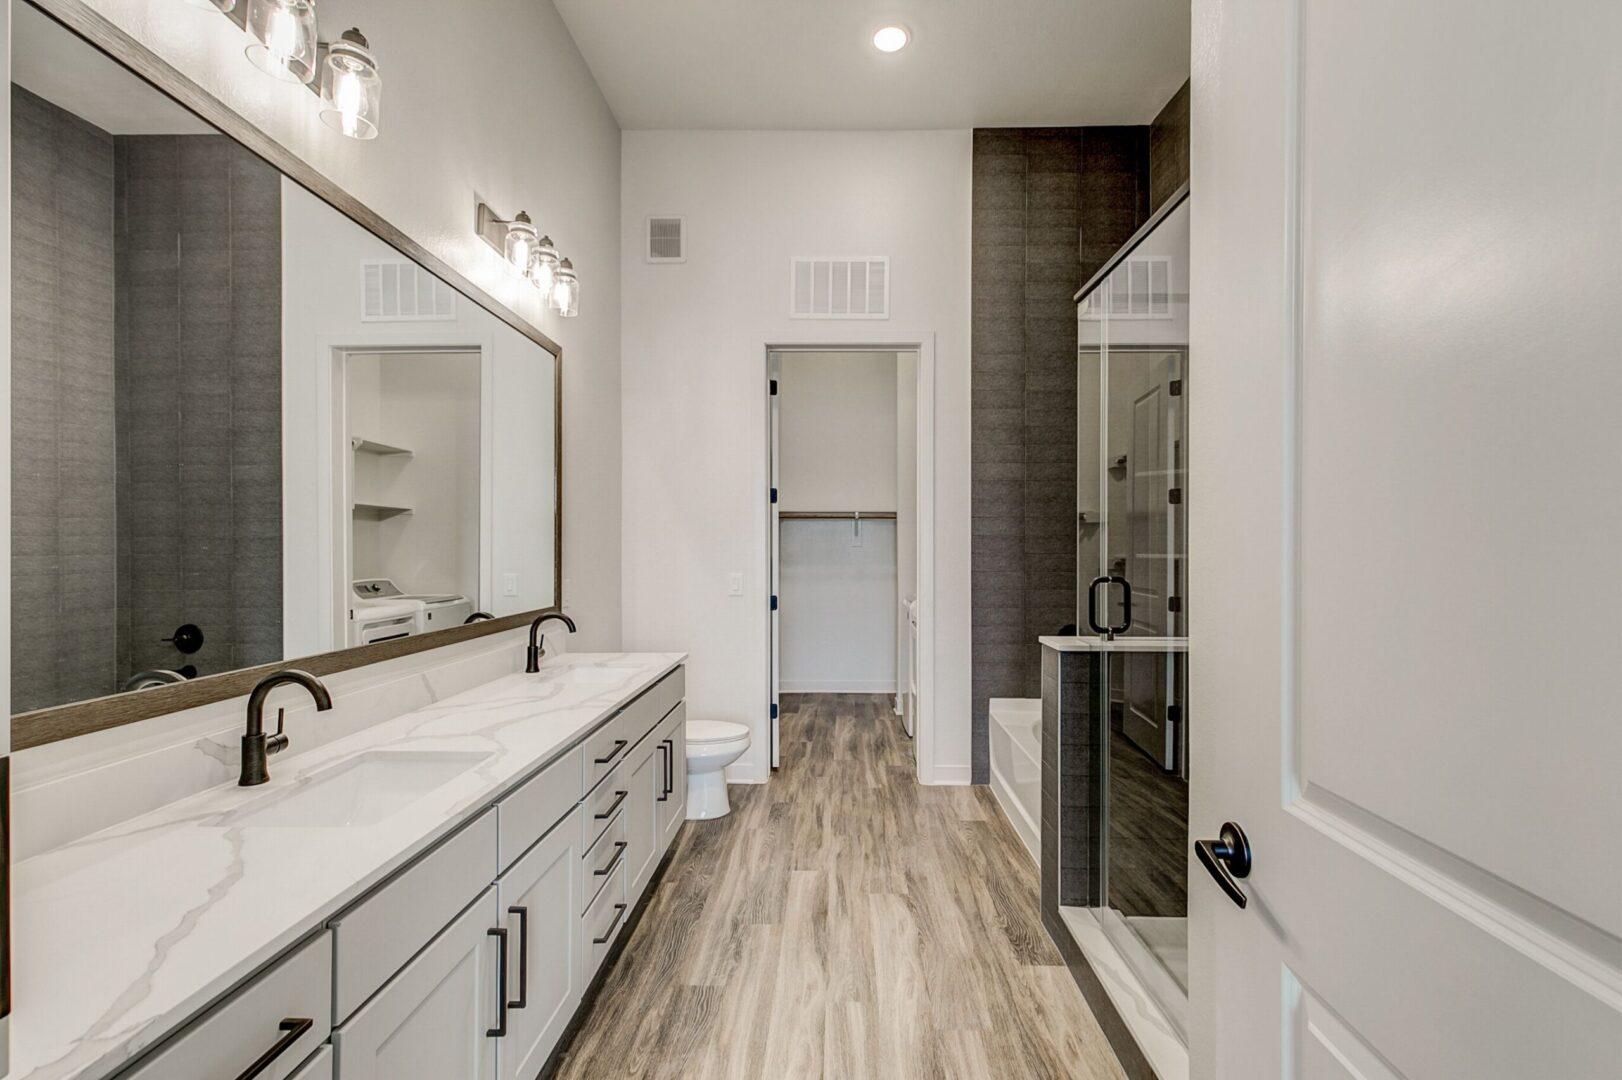 apartment rentals in addison